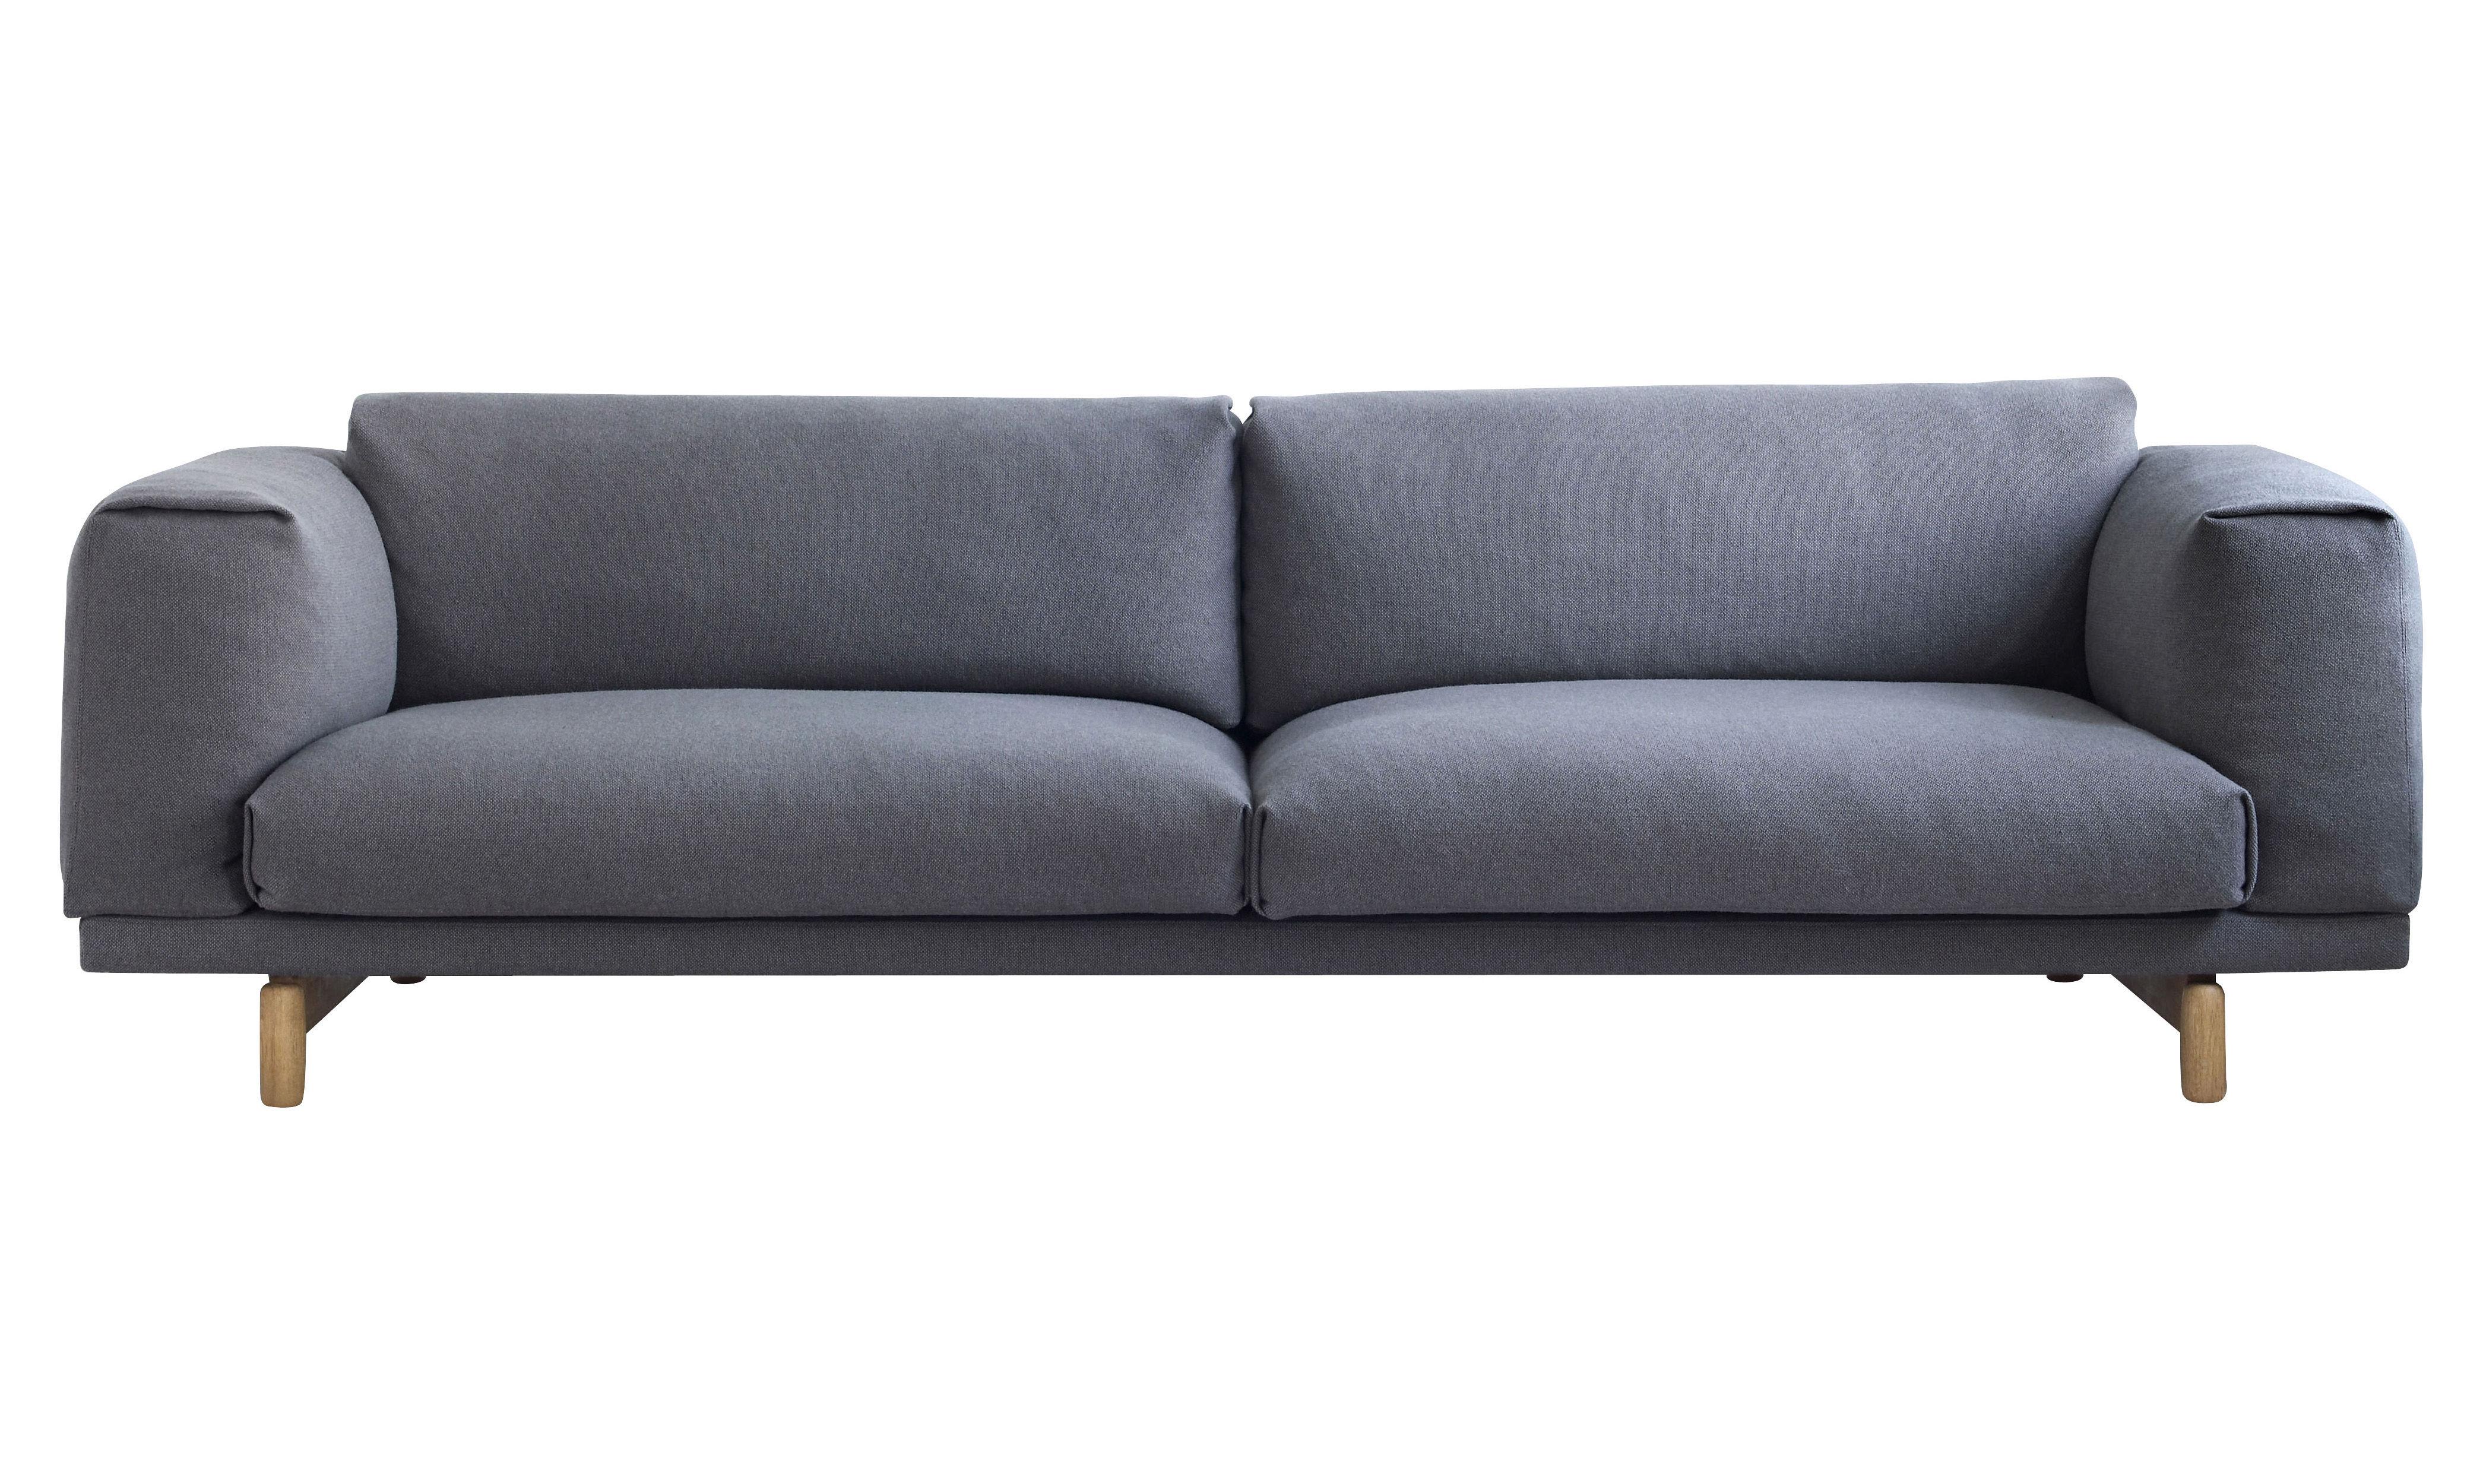 Mobilier - Canapés - Canapé droit Rest / 3 places - L 260 cm - Muuto - Gris / Tissu LAINE - Chêne, Tissu Kvadrat